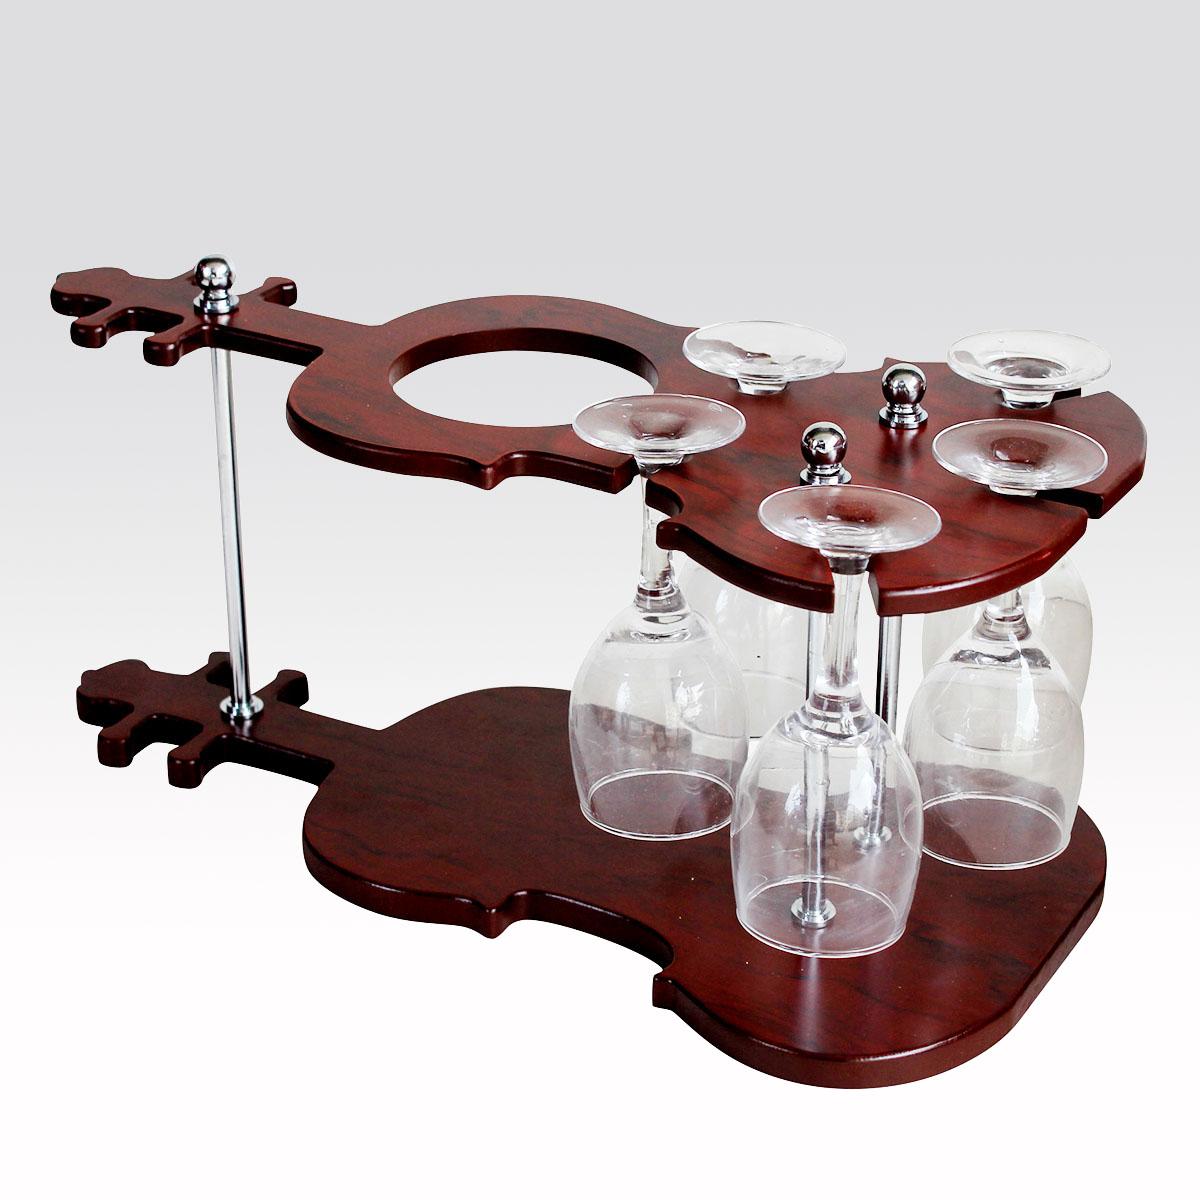 1110014 holz theke theroom weinregal weinregal h ngend becherhalter violine weinregal in. Black Bedroom Furniture Sets. Home Design Ideas